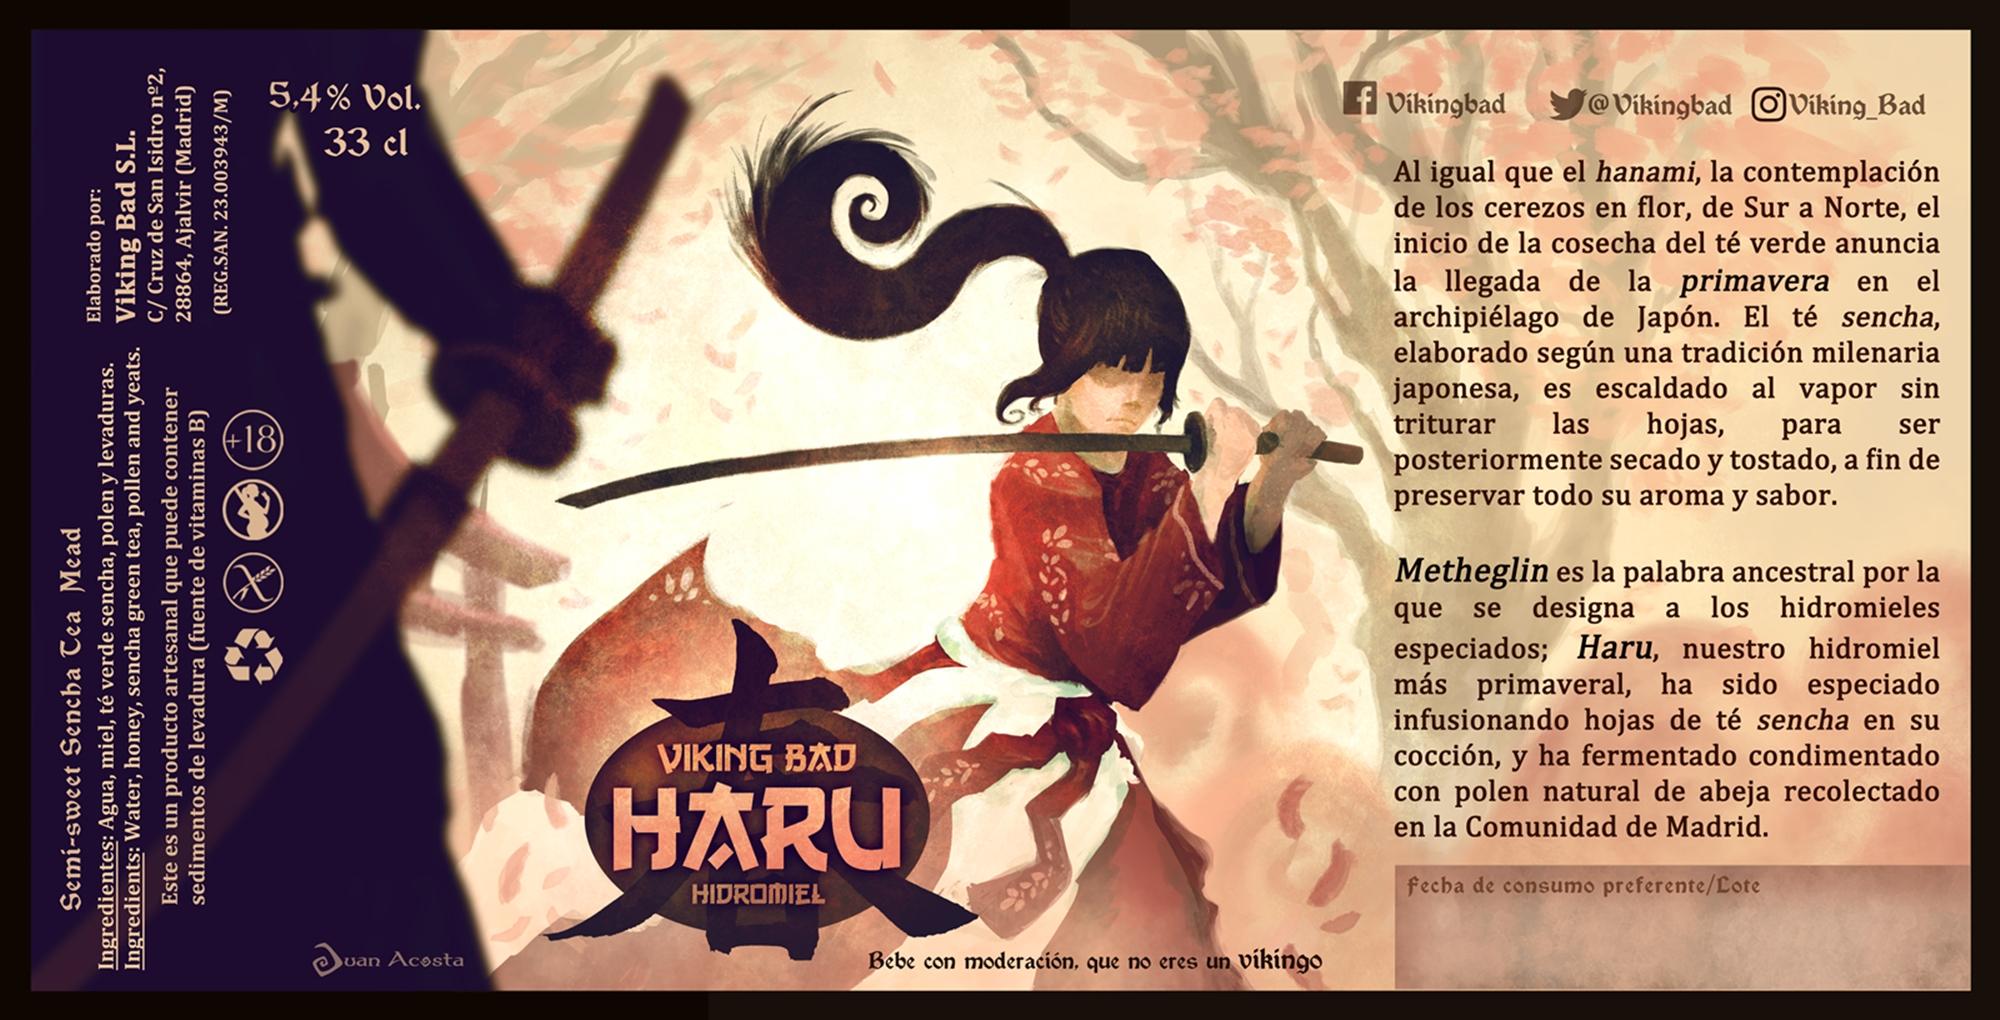 Haru, nueva variedad de hidromiel con sabores nipones